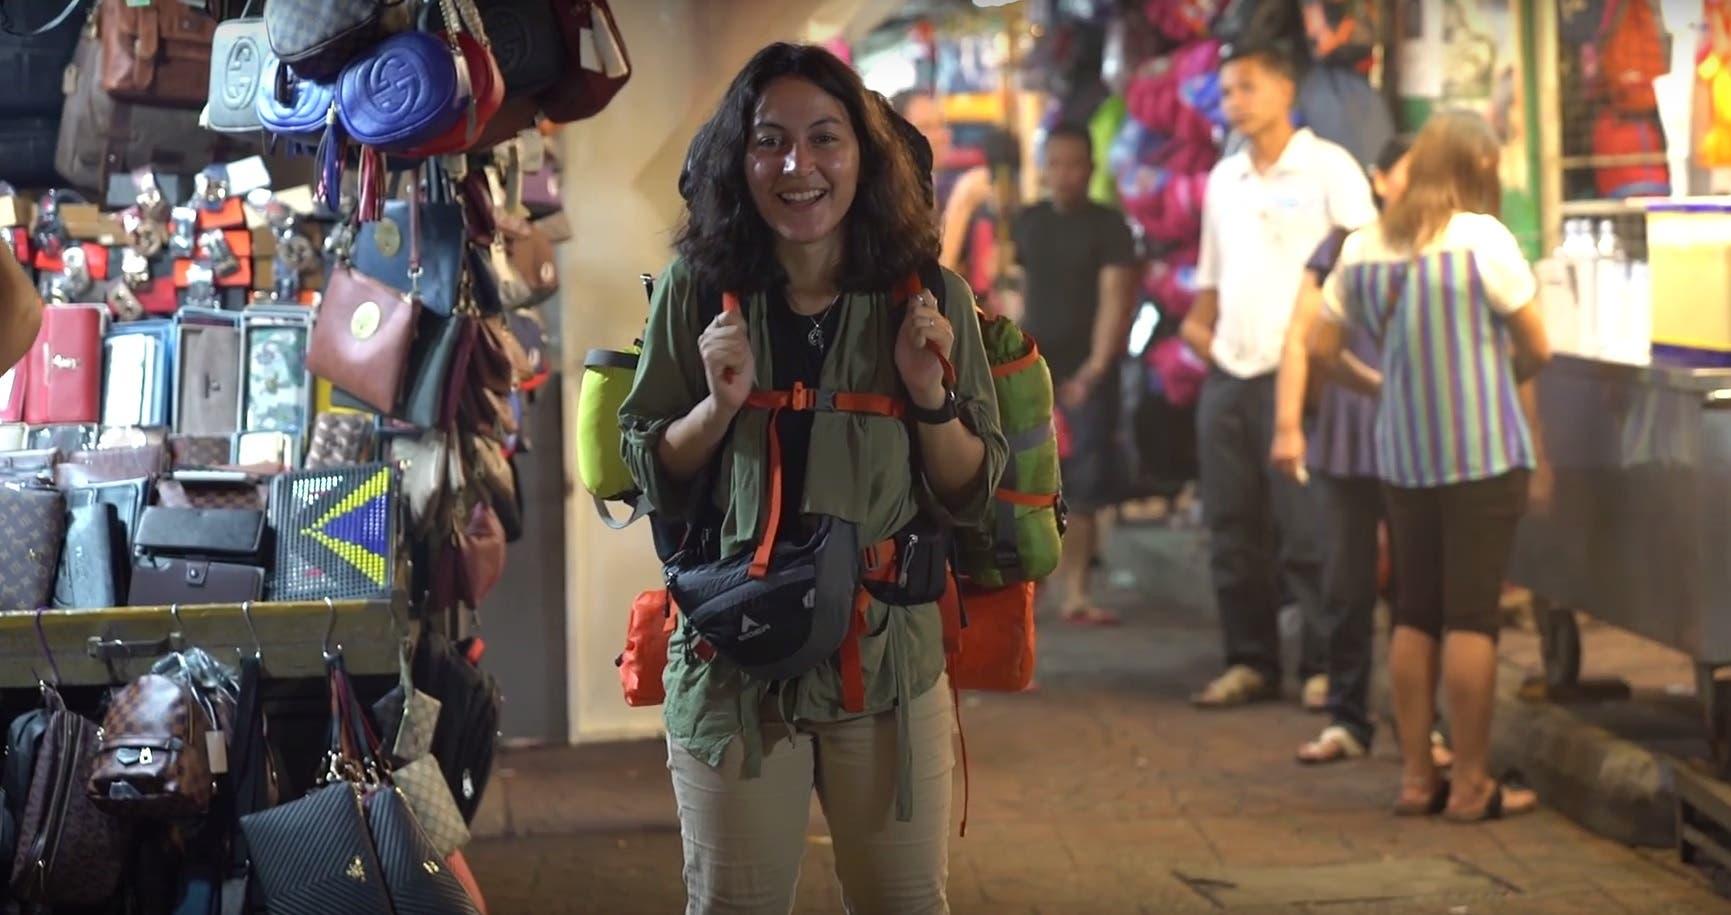 Somaya Gamal - Turkey first stop for this backpacking Yemeni woman traveler